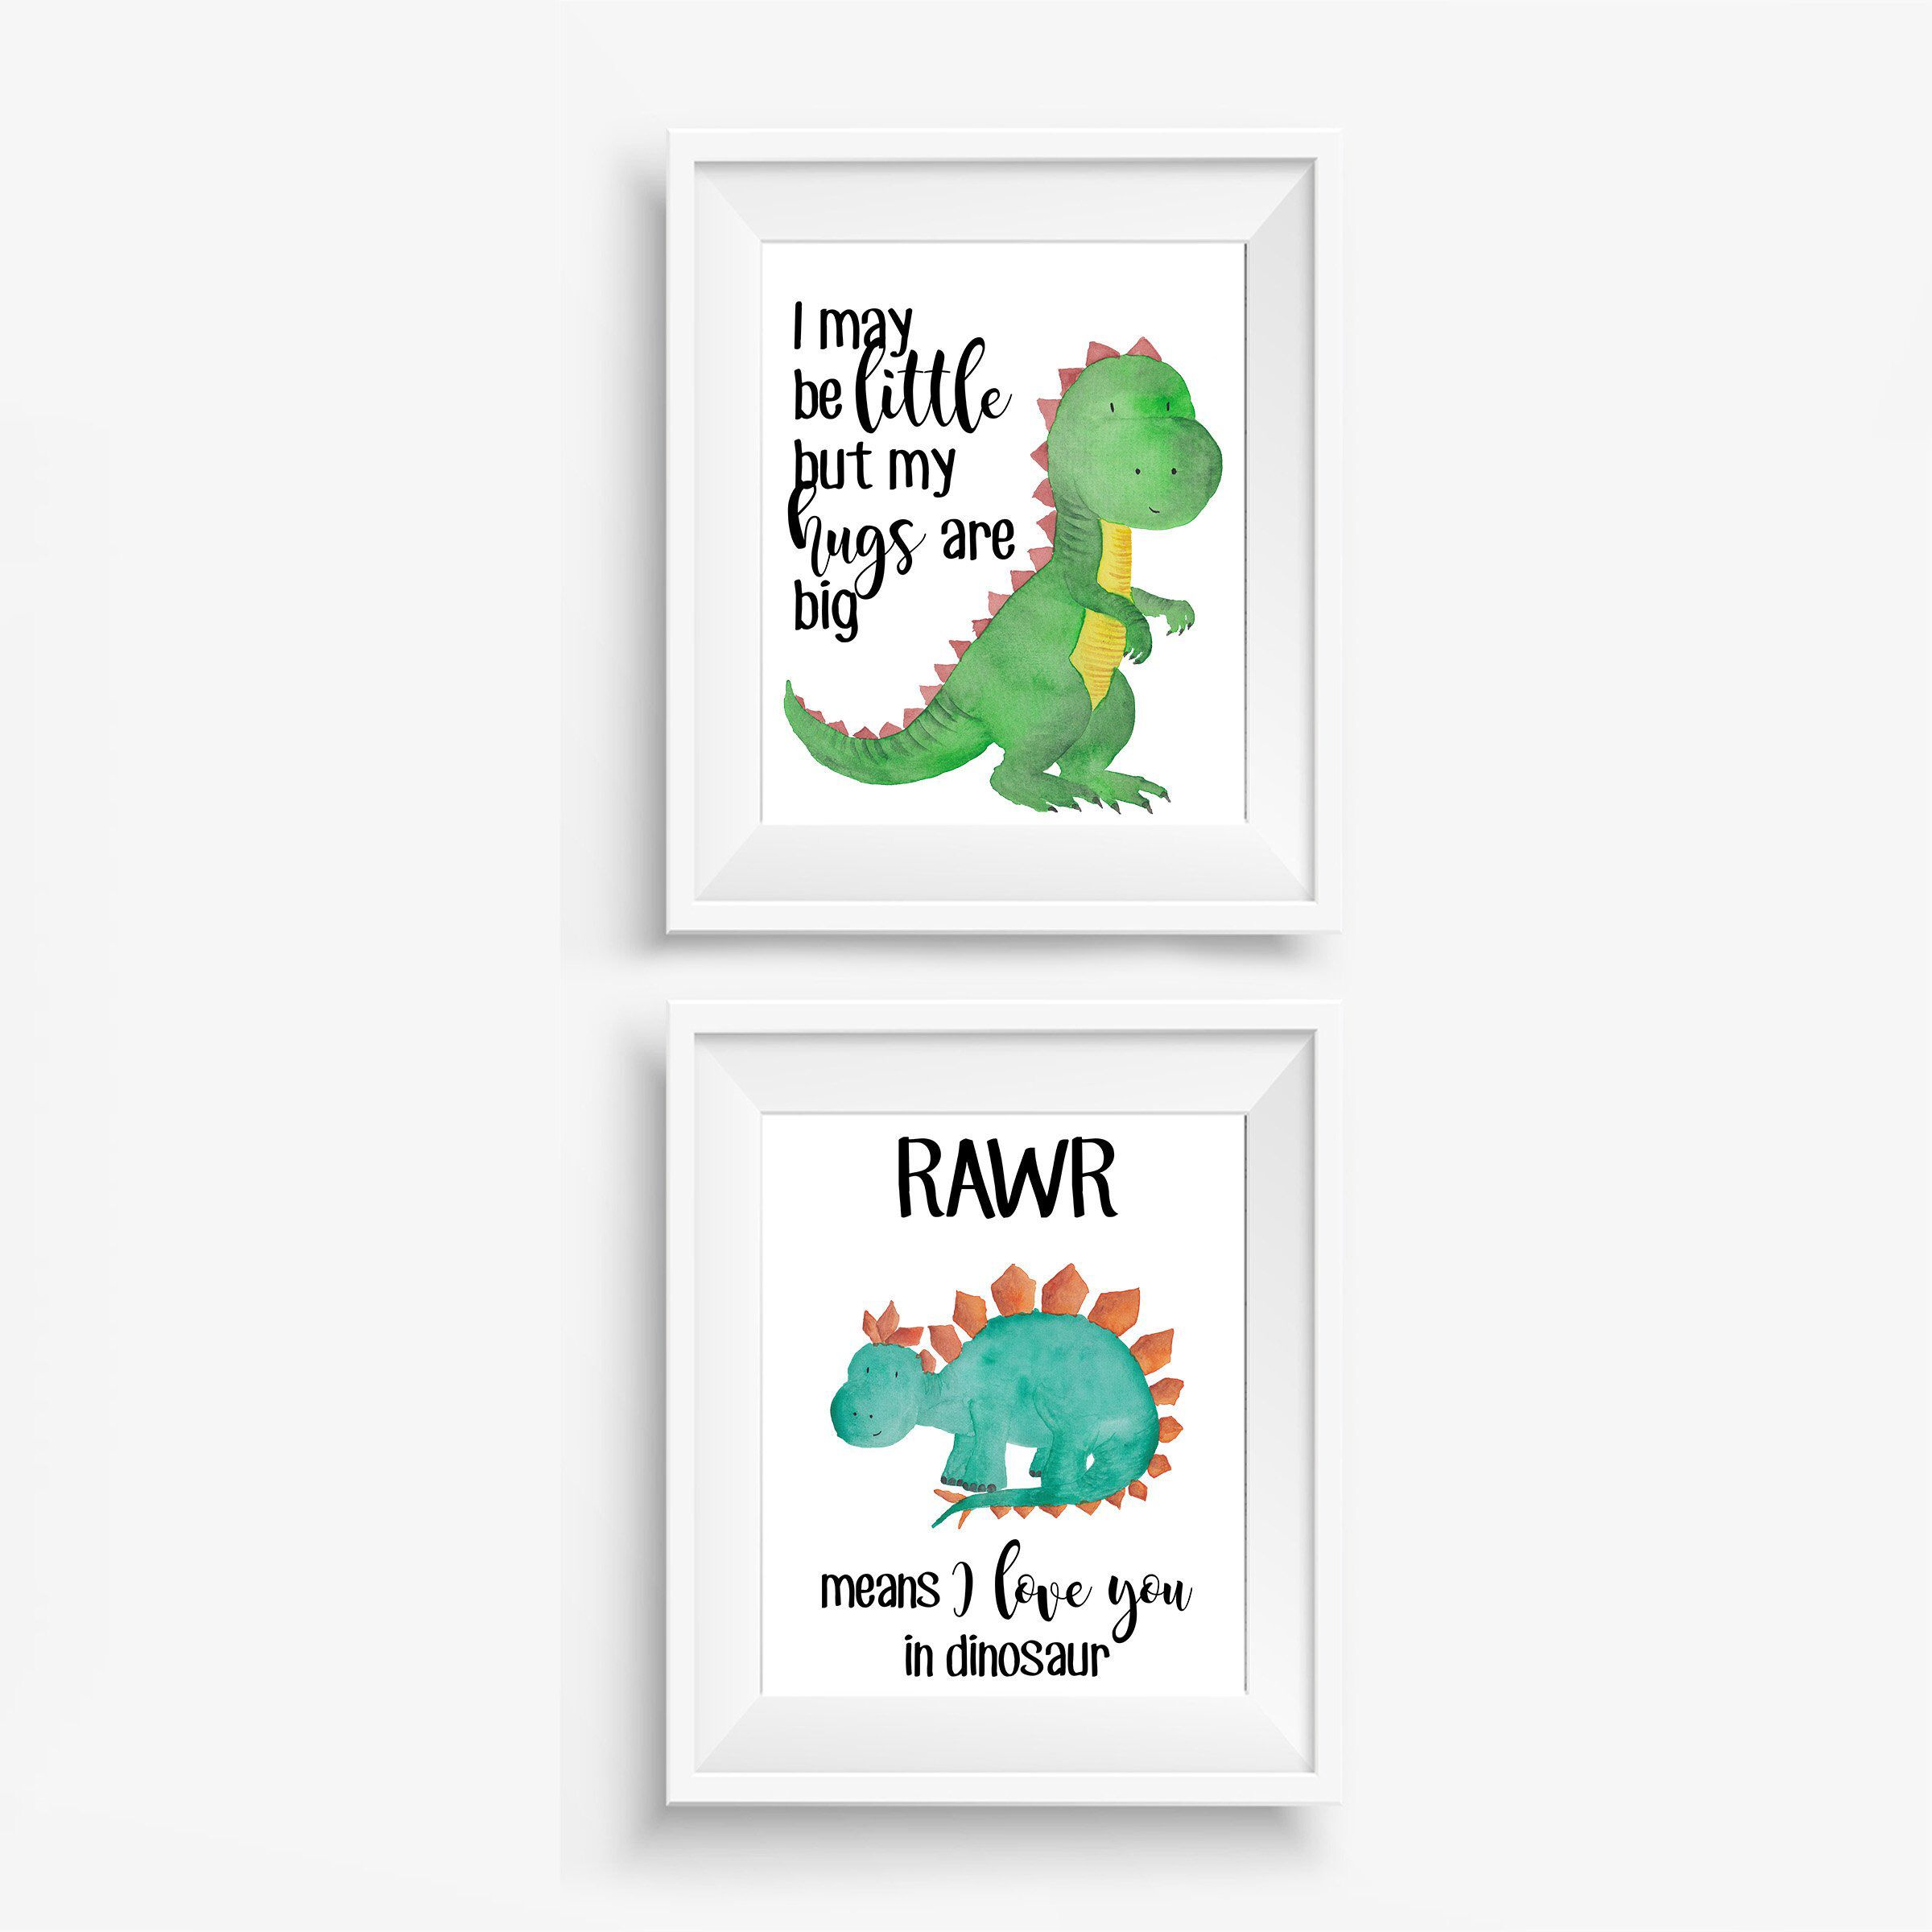 Dinosaur Nursery Print Set, Ready to Frame Posters, Dinosaur Nursery Decor #dinosaurnursery